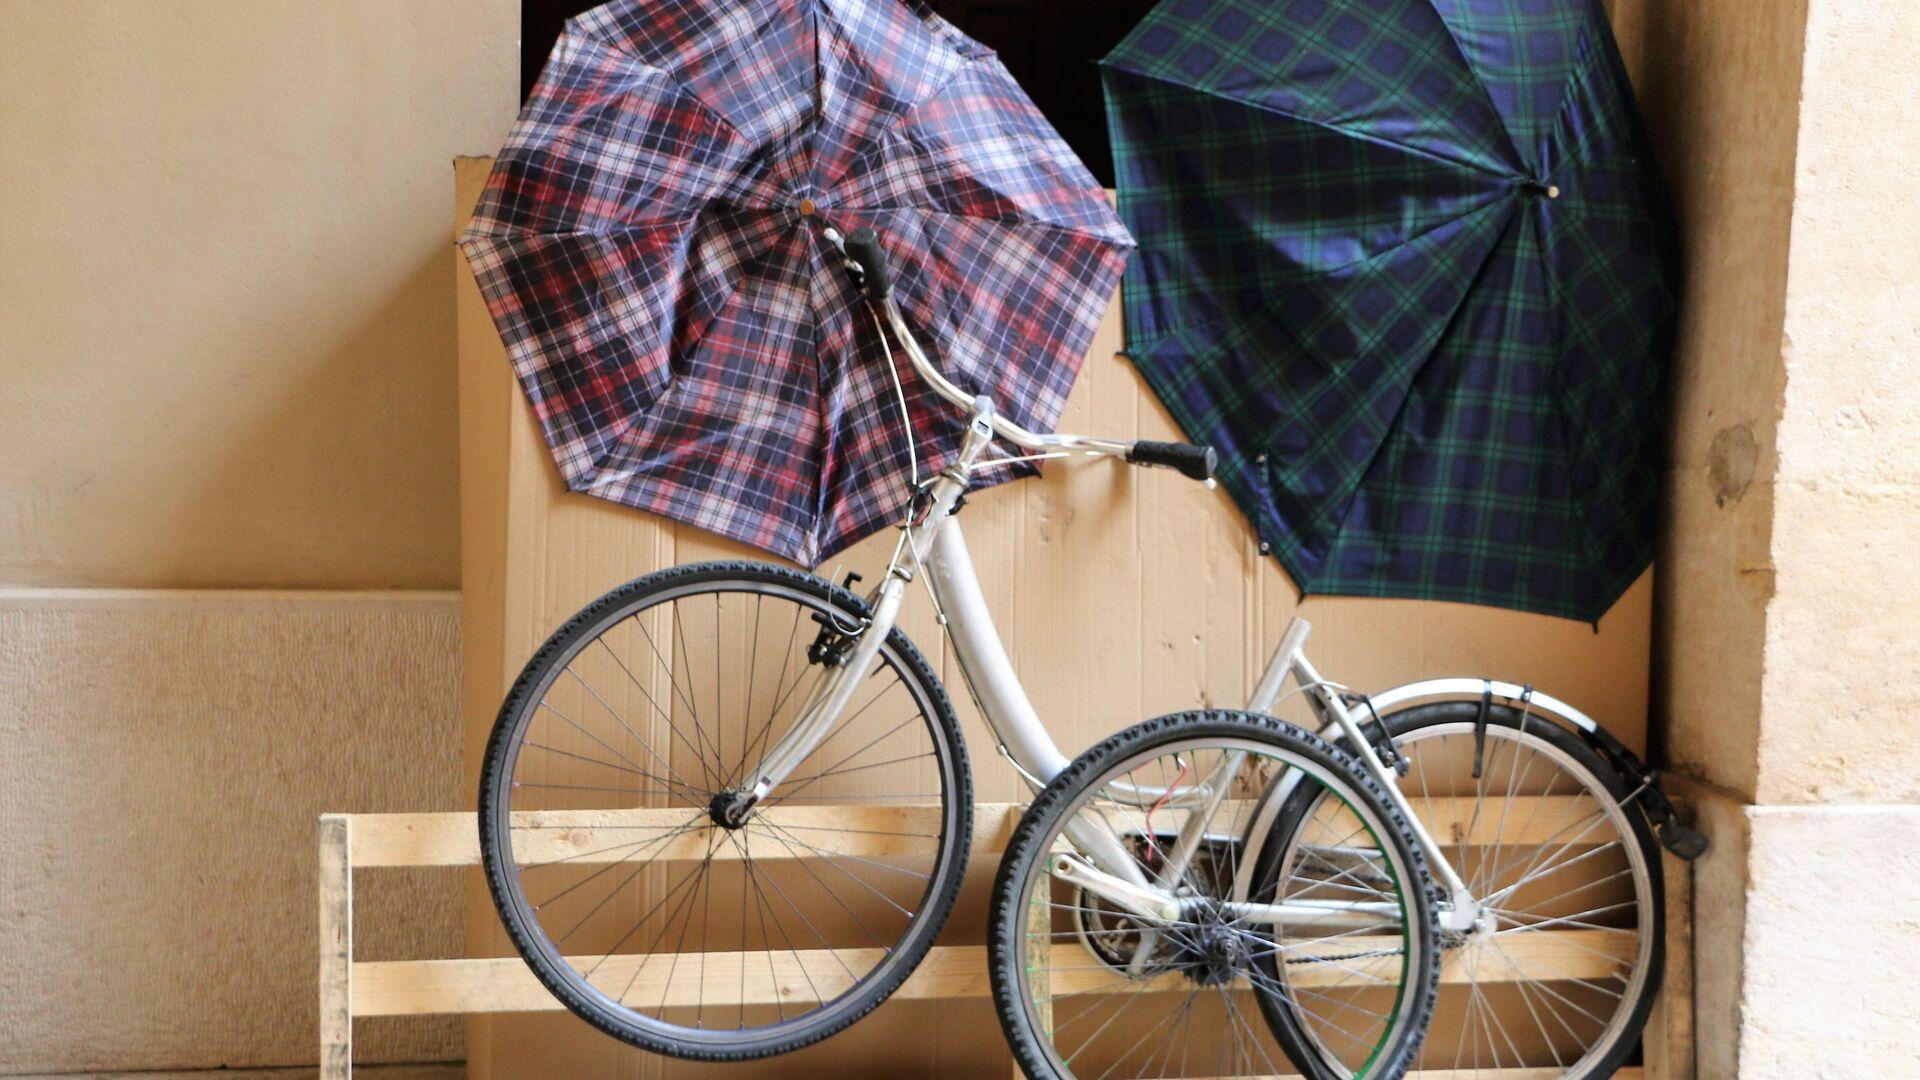 Le biciclette e gli ombrelli  - Sputnik Italia, 1920, 26.07.2021